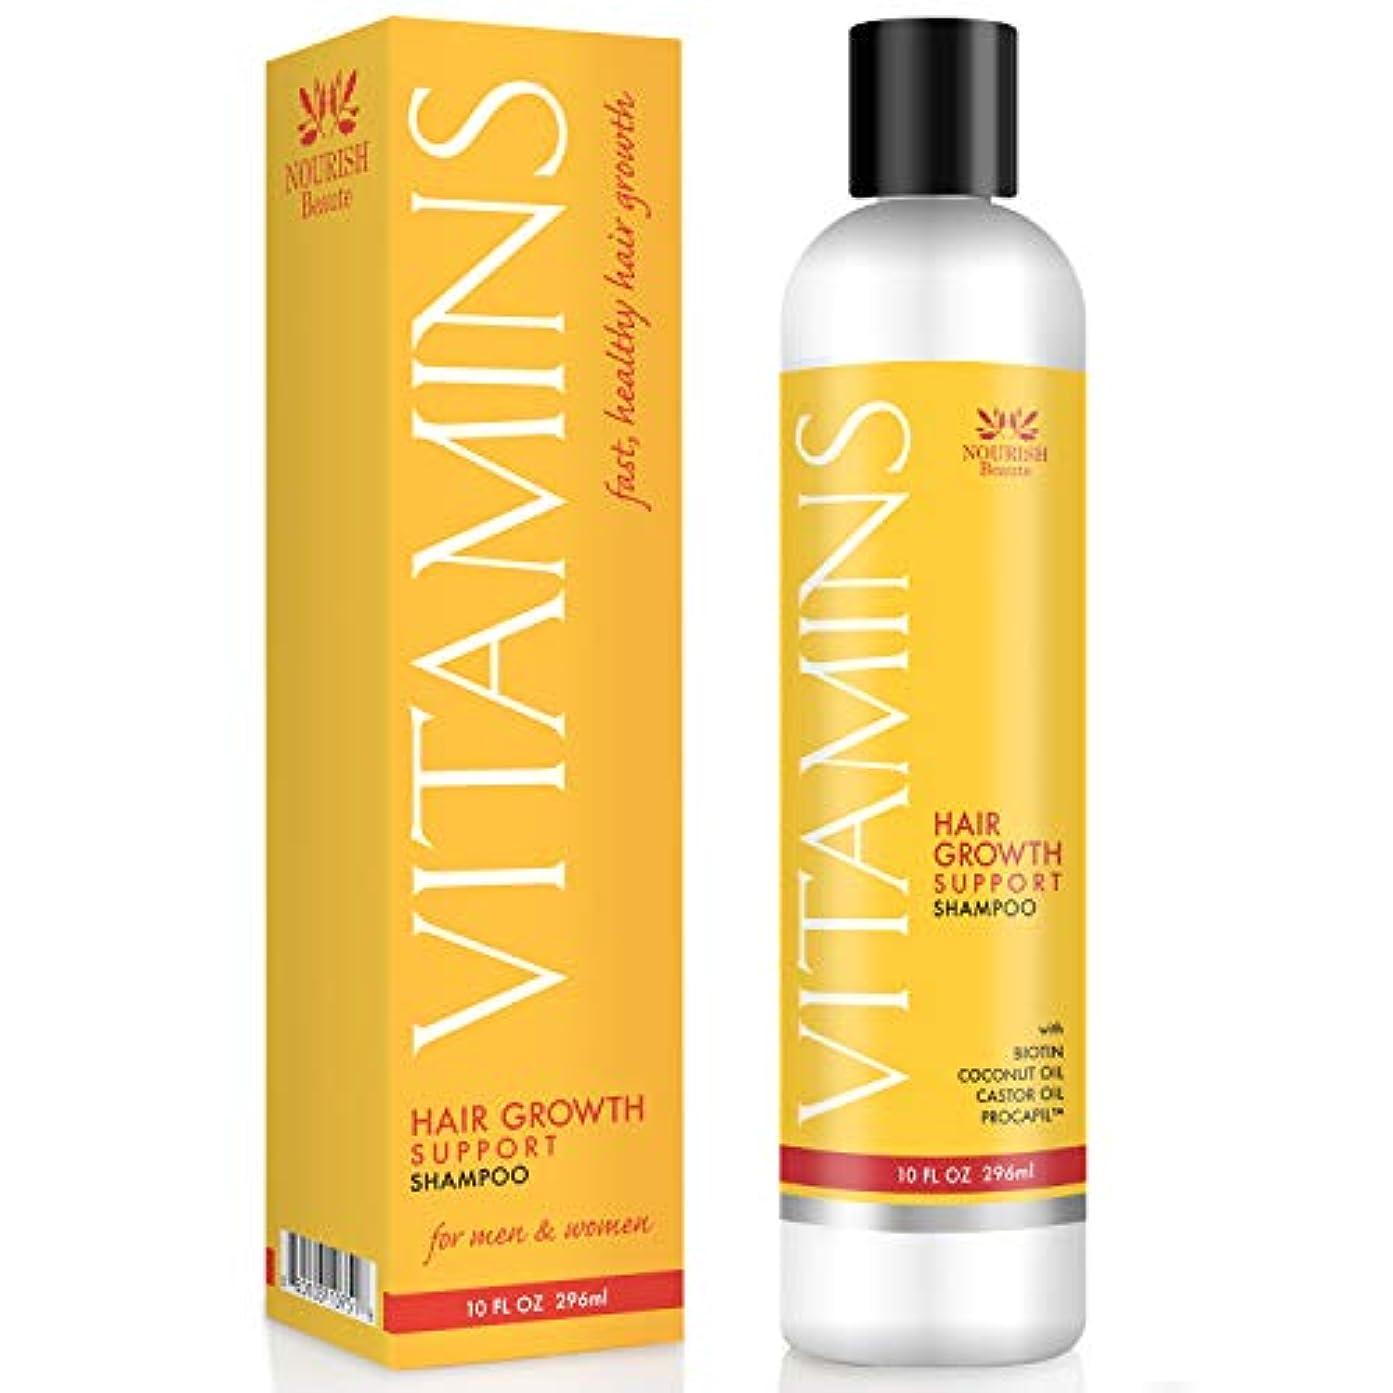 カスケード感じる範囲Vitamins Hair Loss Shampoo - 121% Regrowth and 47% Less Thinning - With DHT Blockers and Biotin for Hair Growth...